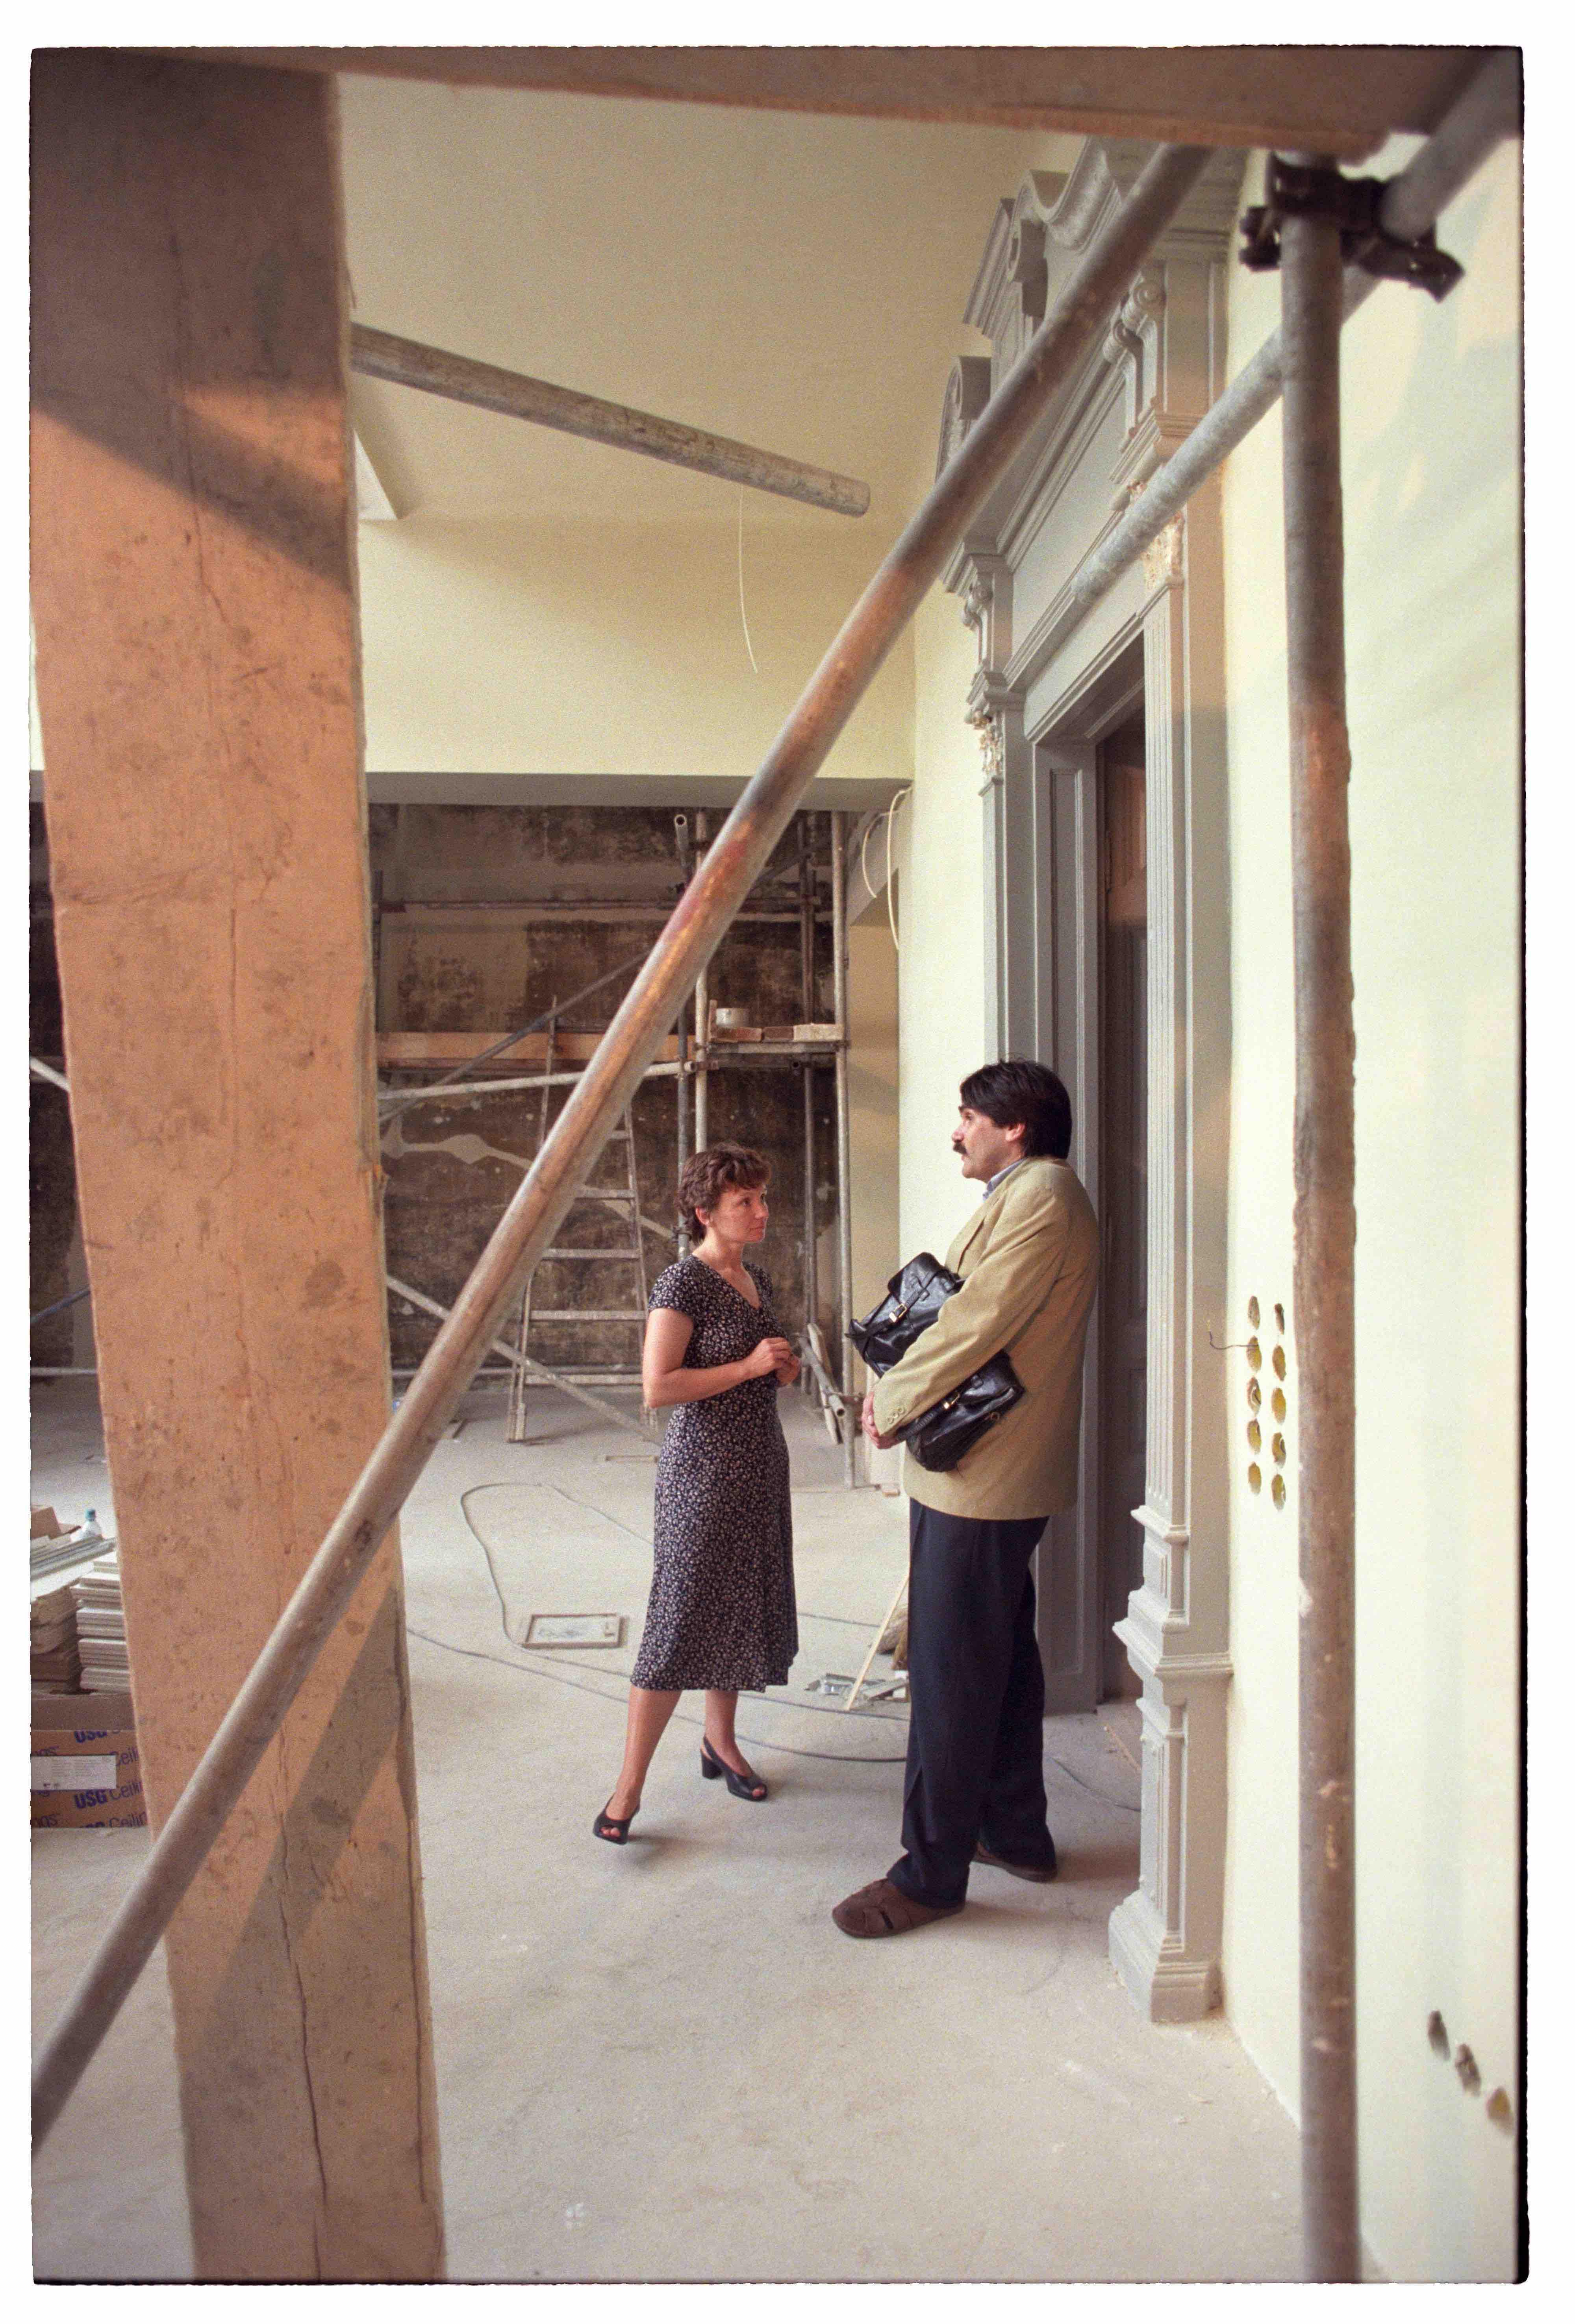 Kolta Magdolna és Török András a Napfényműteremben, 1990-es évek vége<br />Fotó: Bánkuti András